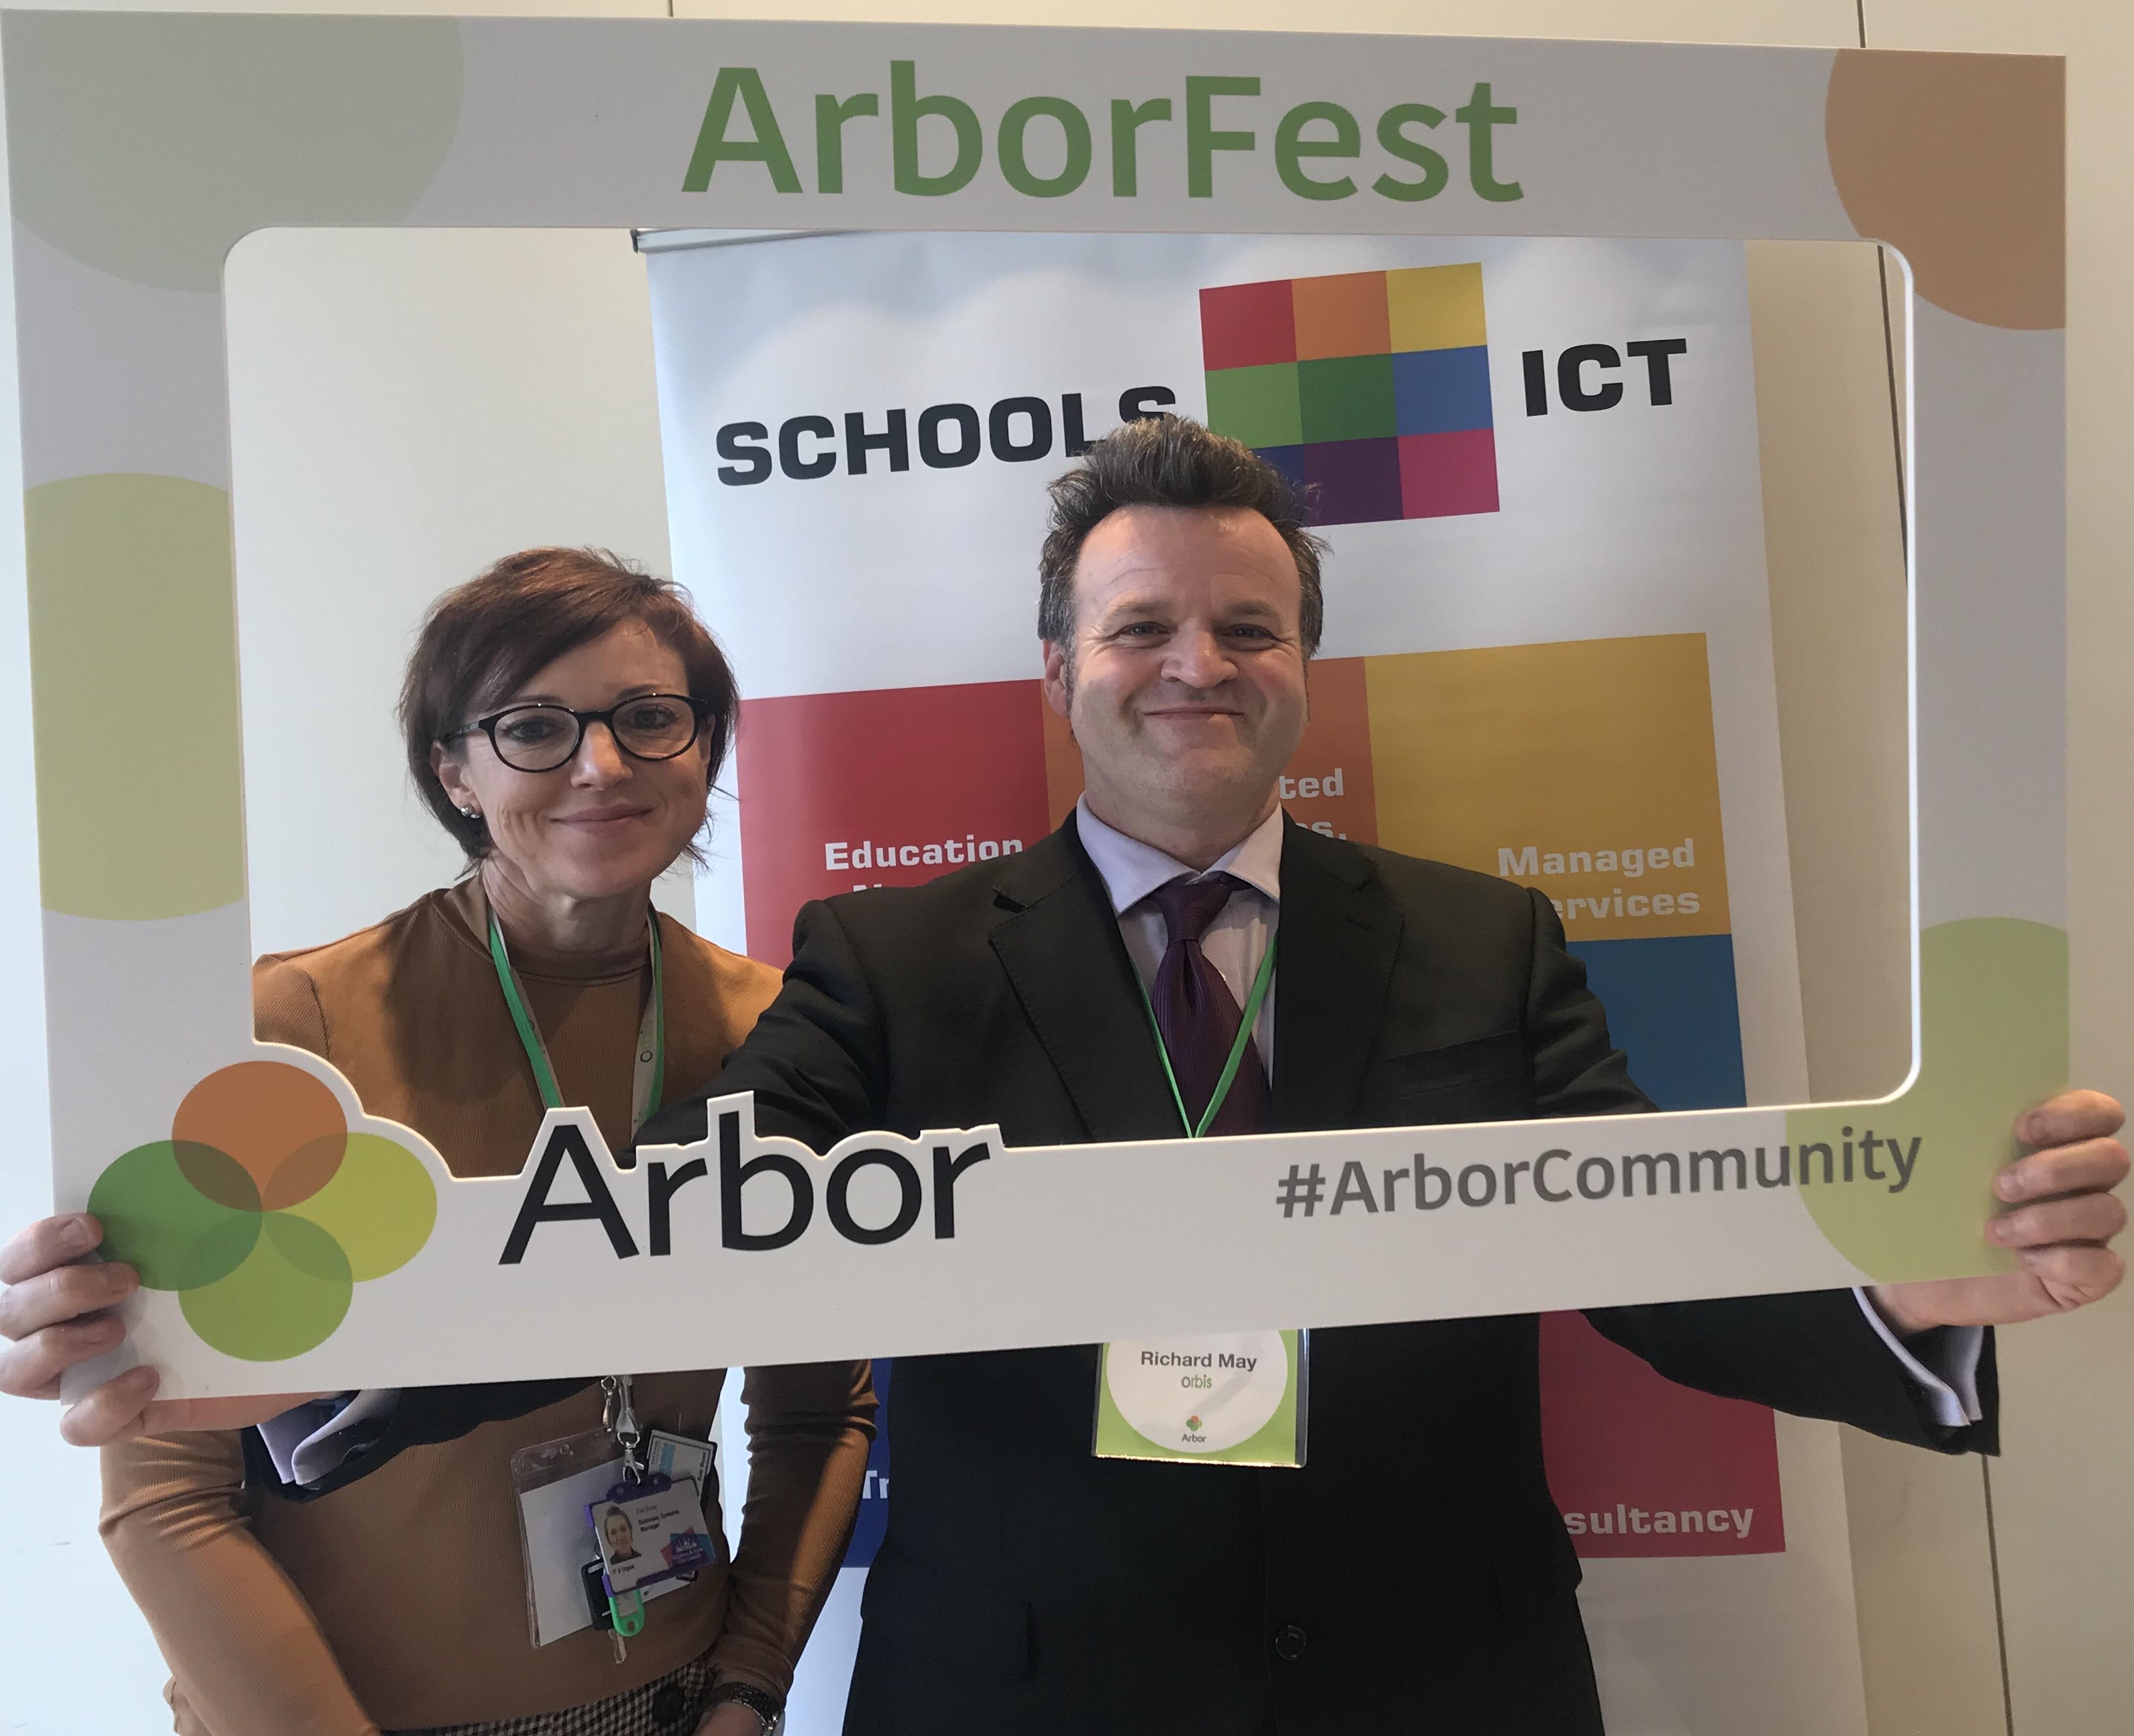 Orbis ArborFest